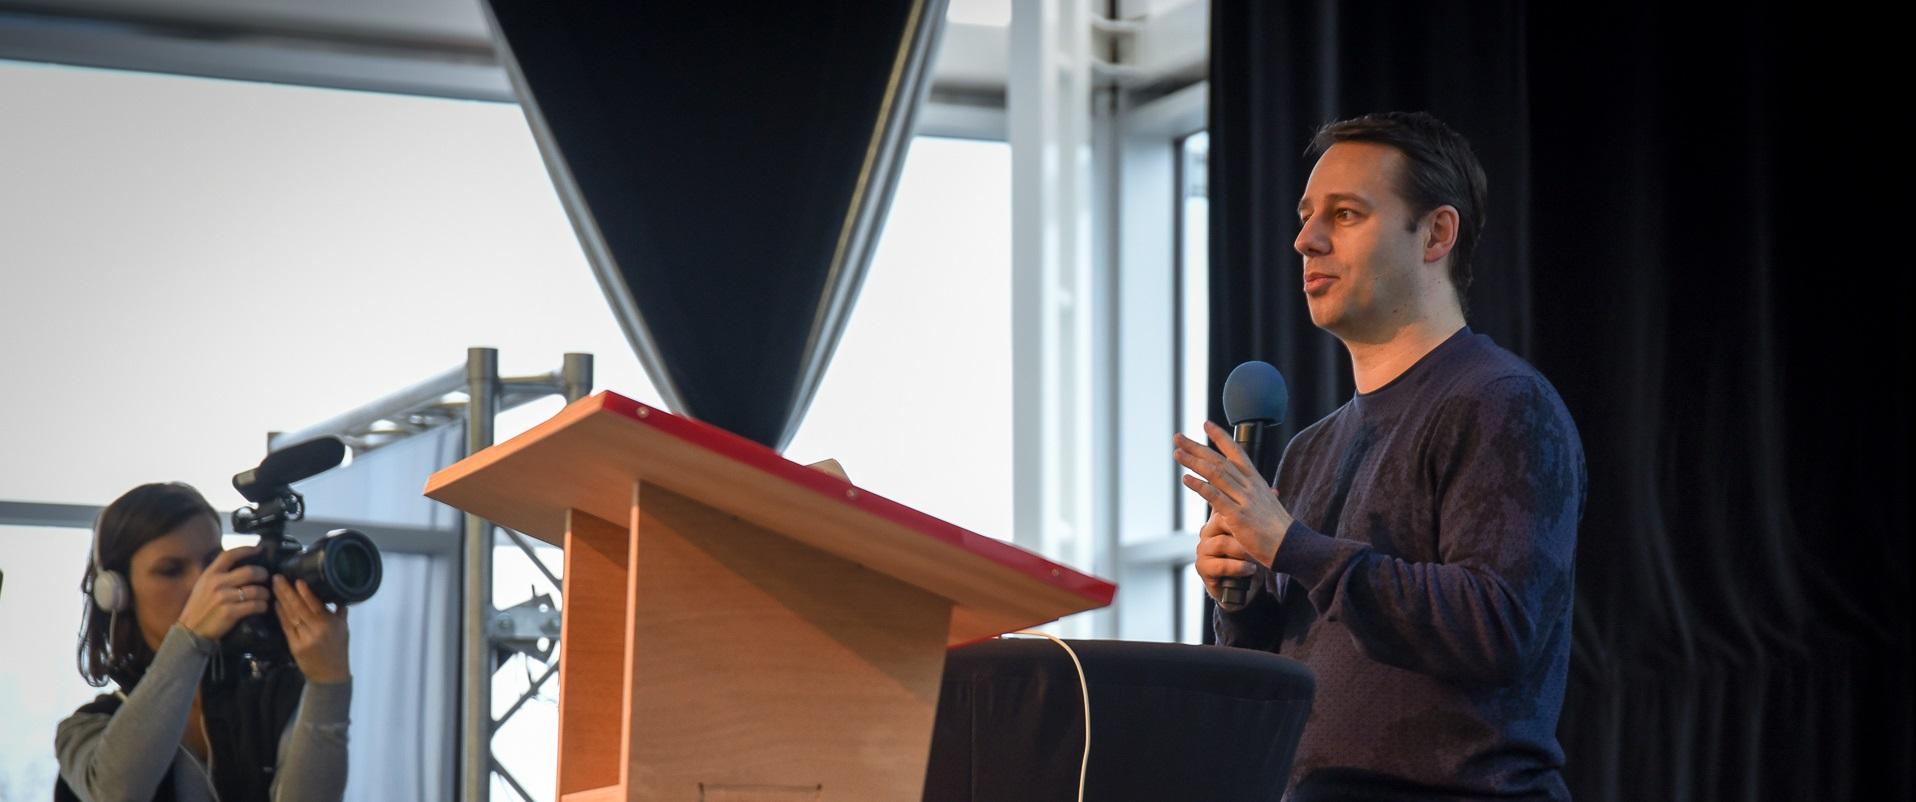 Projet intensif en informatique ENSICAEN aux Journées des Innovations Pédagogiques Normandes